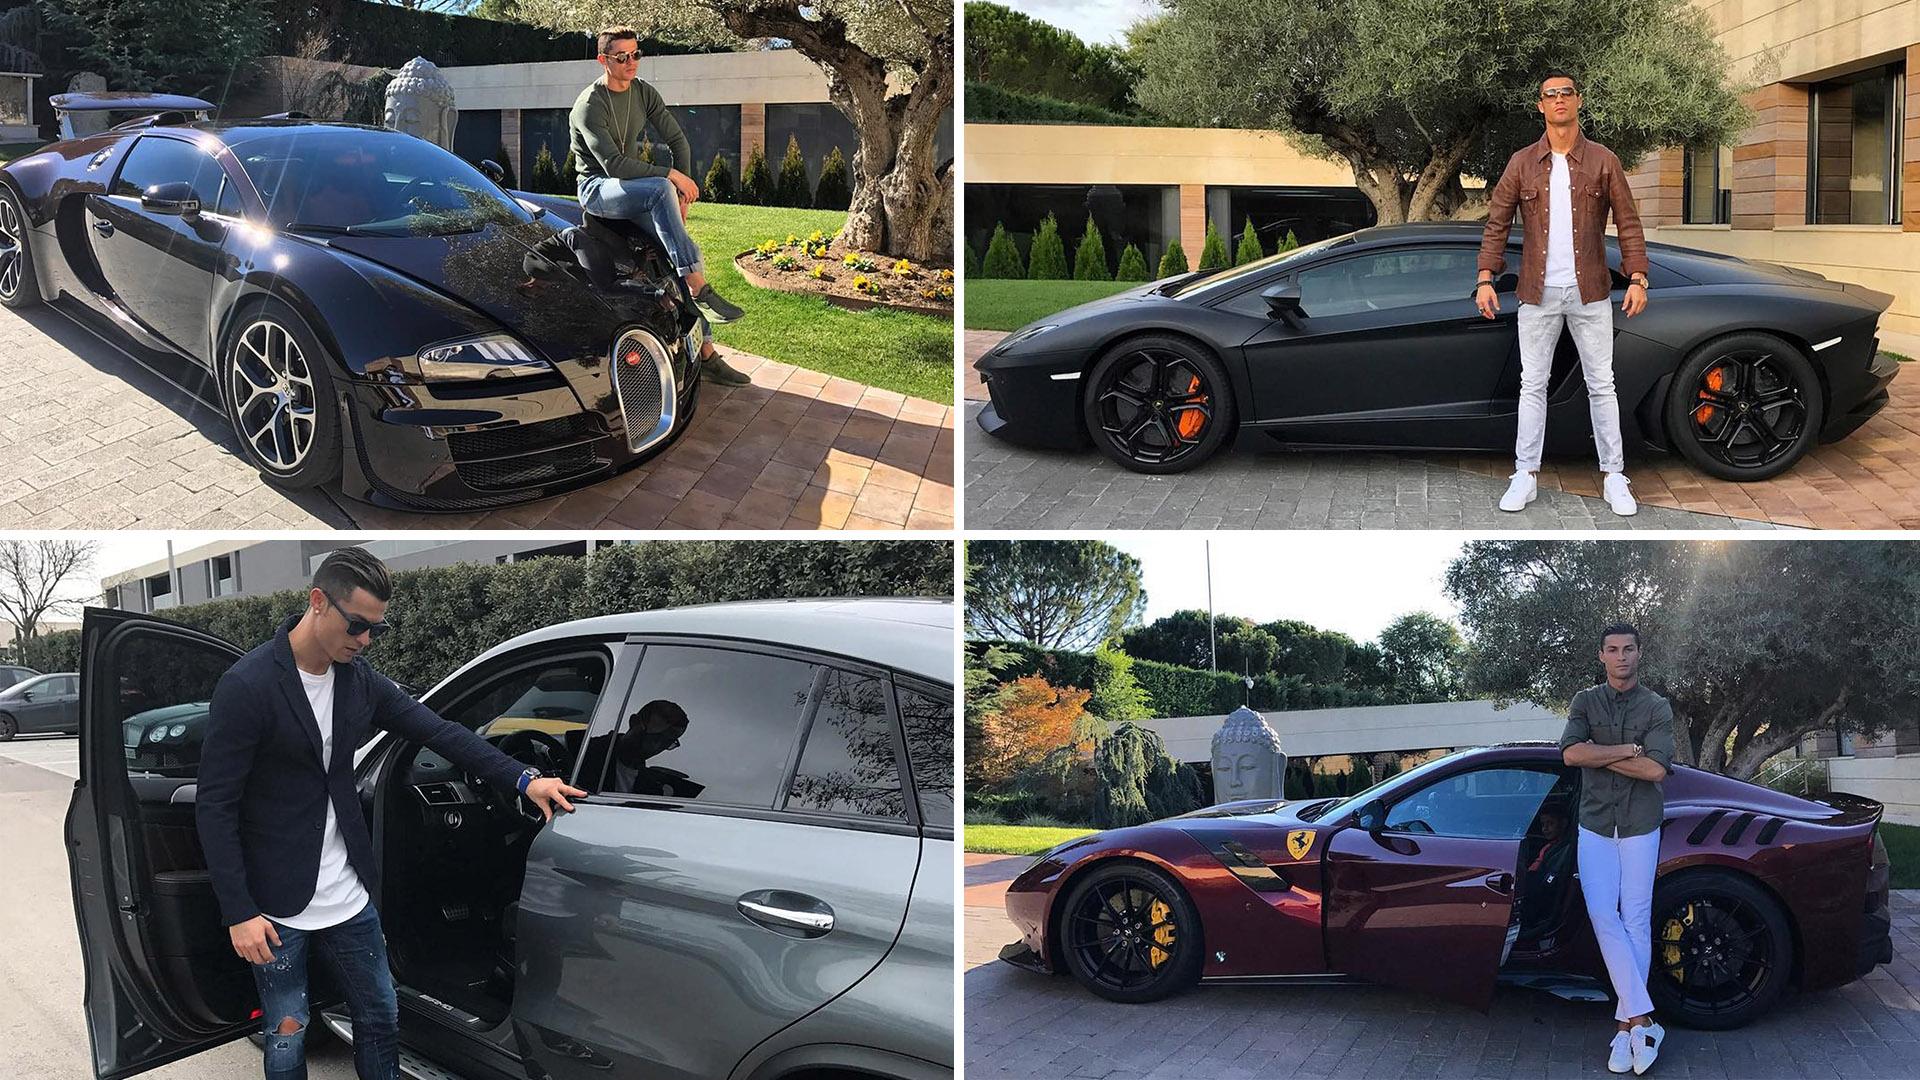 Así es la millonaria colección de coches de Cristiano Ronaldo - Infobae ce09ae156aedc